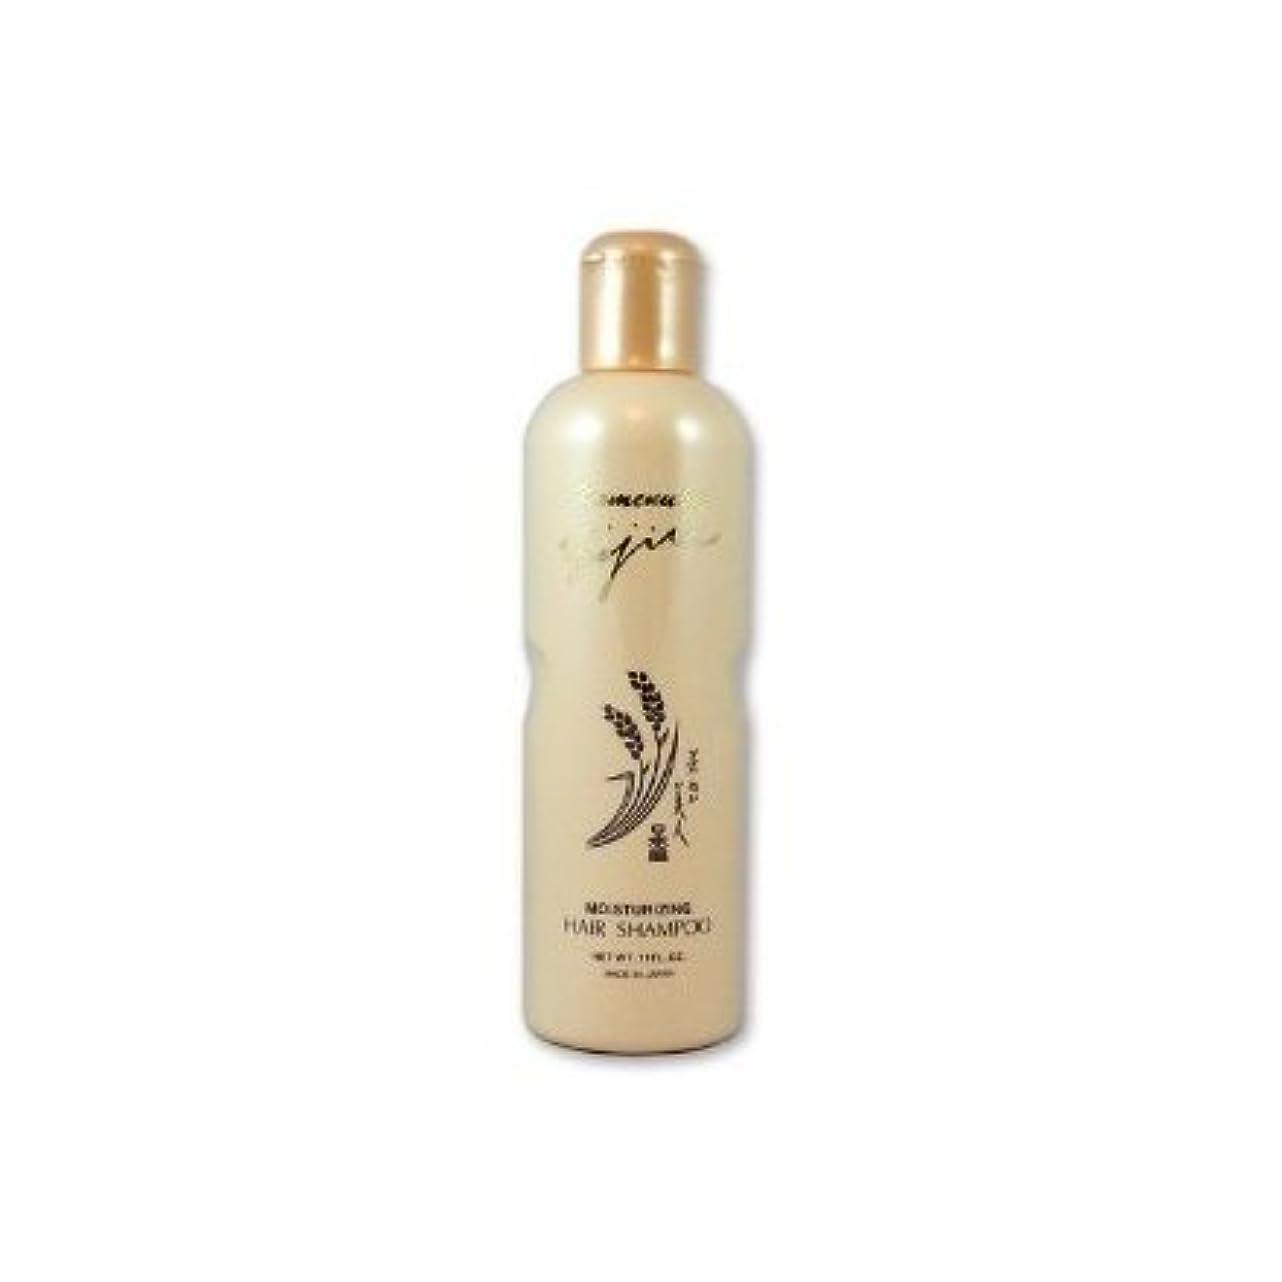 正義スマッシュ恐れKomenuka Bijin Moisturizing Hair Shampoo With Natural Rice Bran - 11 Fl Oz by KOMENUKA BIJIN / NS-K